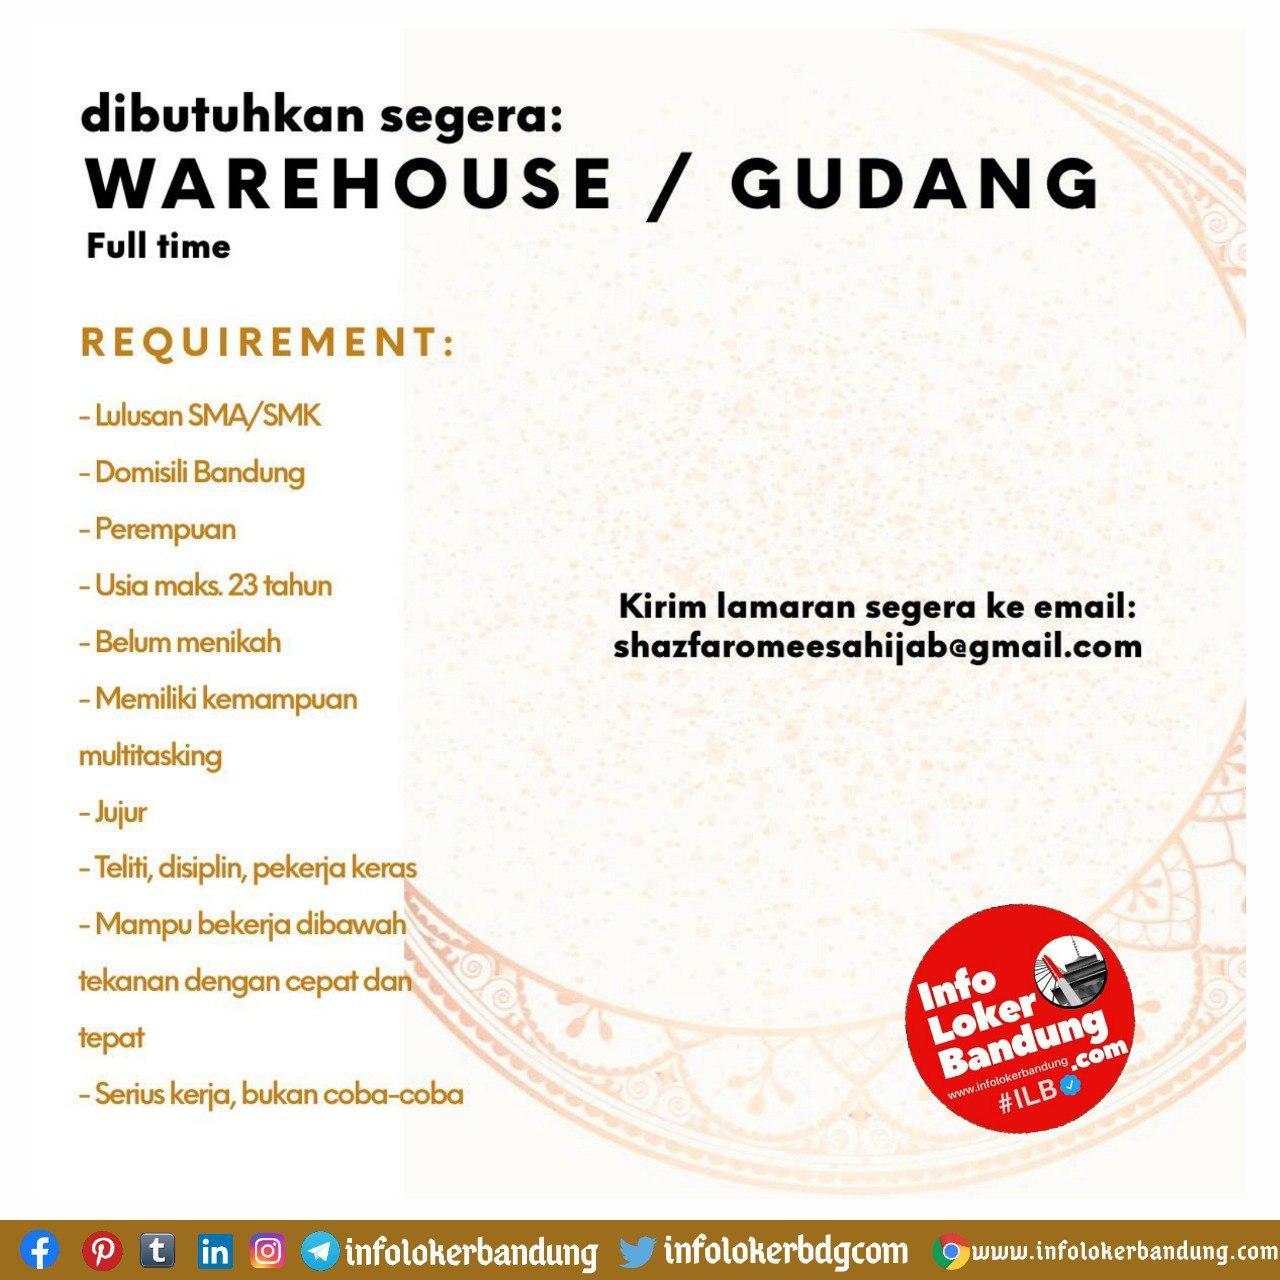 Lowongan Kerja Warehouse / Gudang Shazfaromeesa Hijab Bandung September 2020